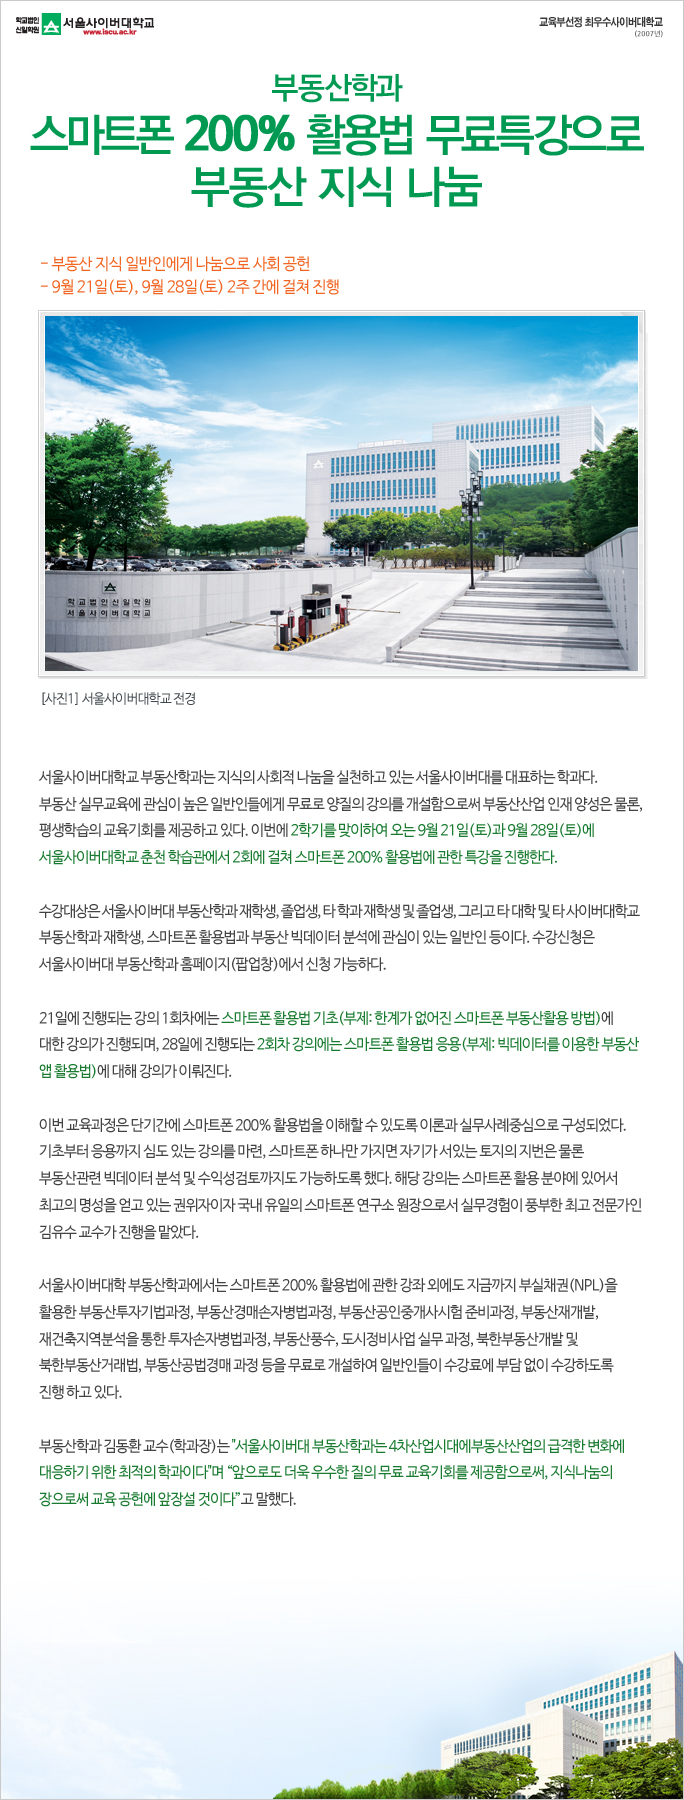 부동산학과, 스마트폰 200% 활용법 무료특강으로 부동산 지식 나눔